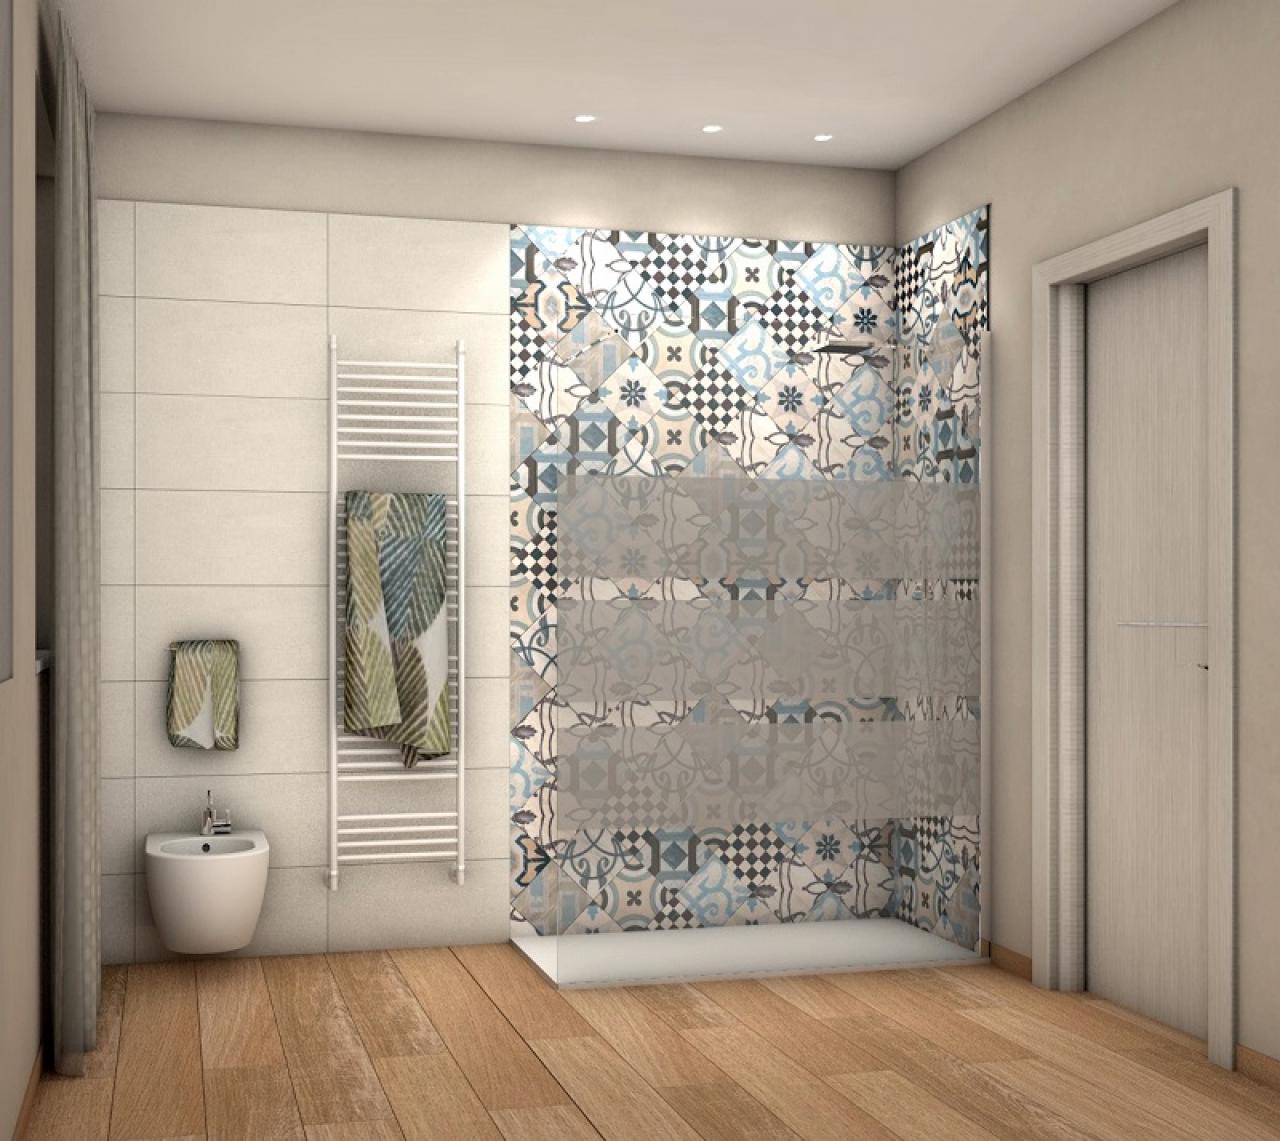 Progetti bagno lo stile di ilaria fratelli pellizzari - Bagno con cementine ...